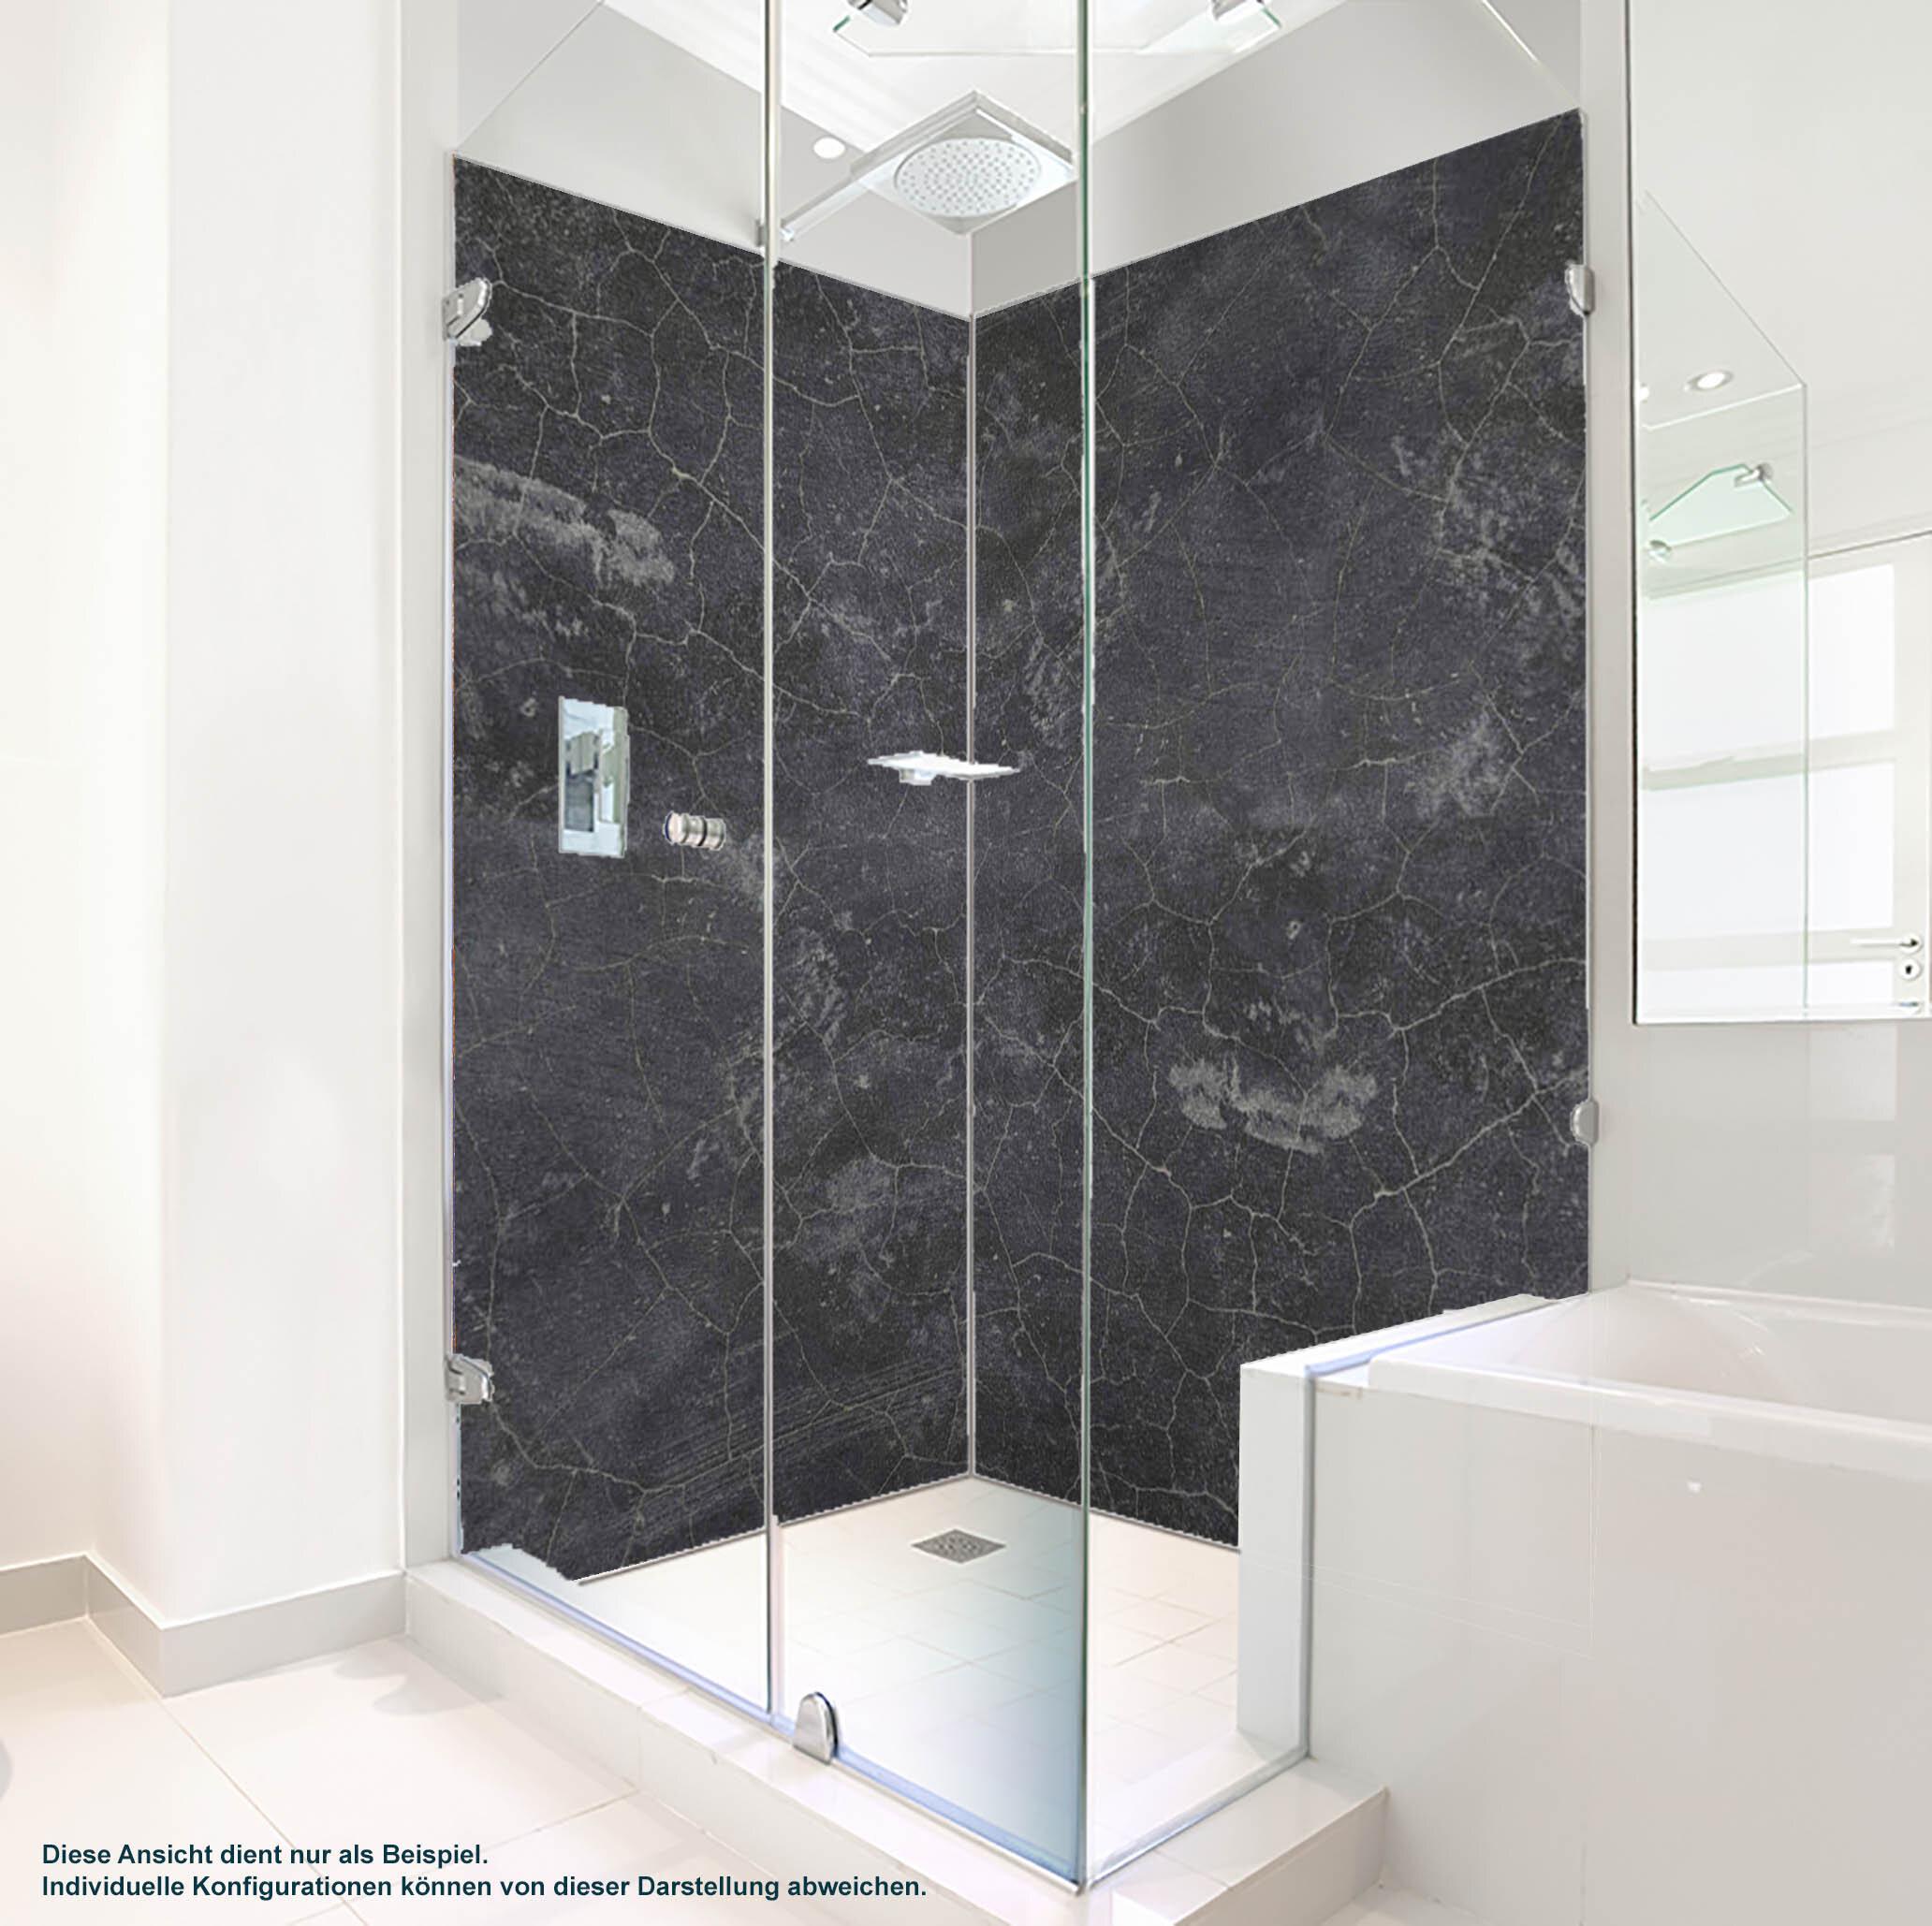 Dusche PlateART Duschrückwand mit Motiv Granit